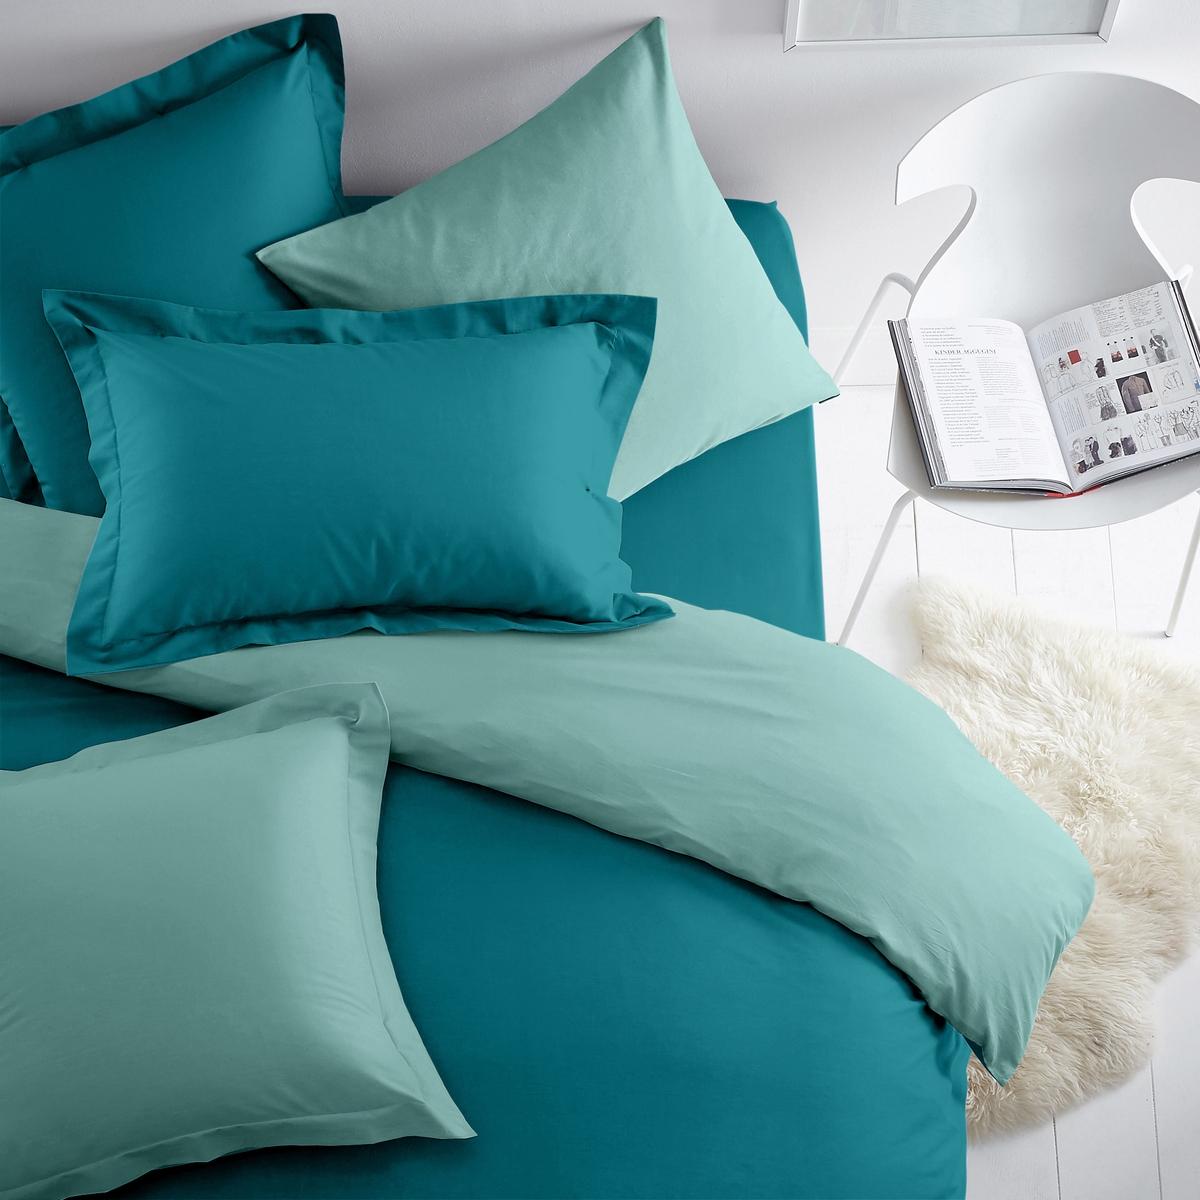 Наволочка двухцветная из хлопка/полиэстераДвусторонняя наволочка для использования в сочетании с постельным бельем из коллекции  SCENARIO !Плотная ткань (57 нитей/cм?). Чем плотнее переплетение нитей/см?, тем выше качество материала.Характеристики двухцветной наволочки из хлопка и полиэстера :Плотная ткань (57 нитей/cм?). Чем плотнее переплетение нитей/см?, тем выше качество материала.- Наволочка квадратной формы (с плоским воланом или без него) и наволочка прямоугольной формы из ткани: 50% хлопка, 50% полиэстера, с плотным переплетением нитей. Удобная и прочная наволочка.- Превосходная стойкость цвета при стирке (60°C).- Быстро сохнет. Легко гладить.Знак Oeko-Tex® гарантирует отсутствие вредных для здоровья человека веществ в протестированных и сертифицированных изделиях.Наволочка :50 x 70 см : Прямоугольная наволочка с воланом 63 x 63 см : Квадратная наволочка64 x 64 : Квадратная наволочка с воланом Комплекты постельного белья серии SC?NARIO BICOLORE ищите на нашем сайте laredoute.ru<br><br>Цвет: антрацит/серо-бежевый,бежевый/ белый,Горчичный желтый / антрацитовый серый,сине-зеленый<br>Размер: 63 x 63  см.50 x 70  см